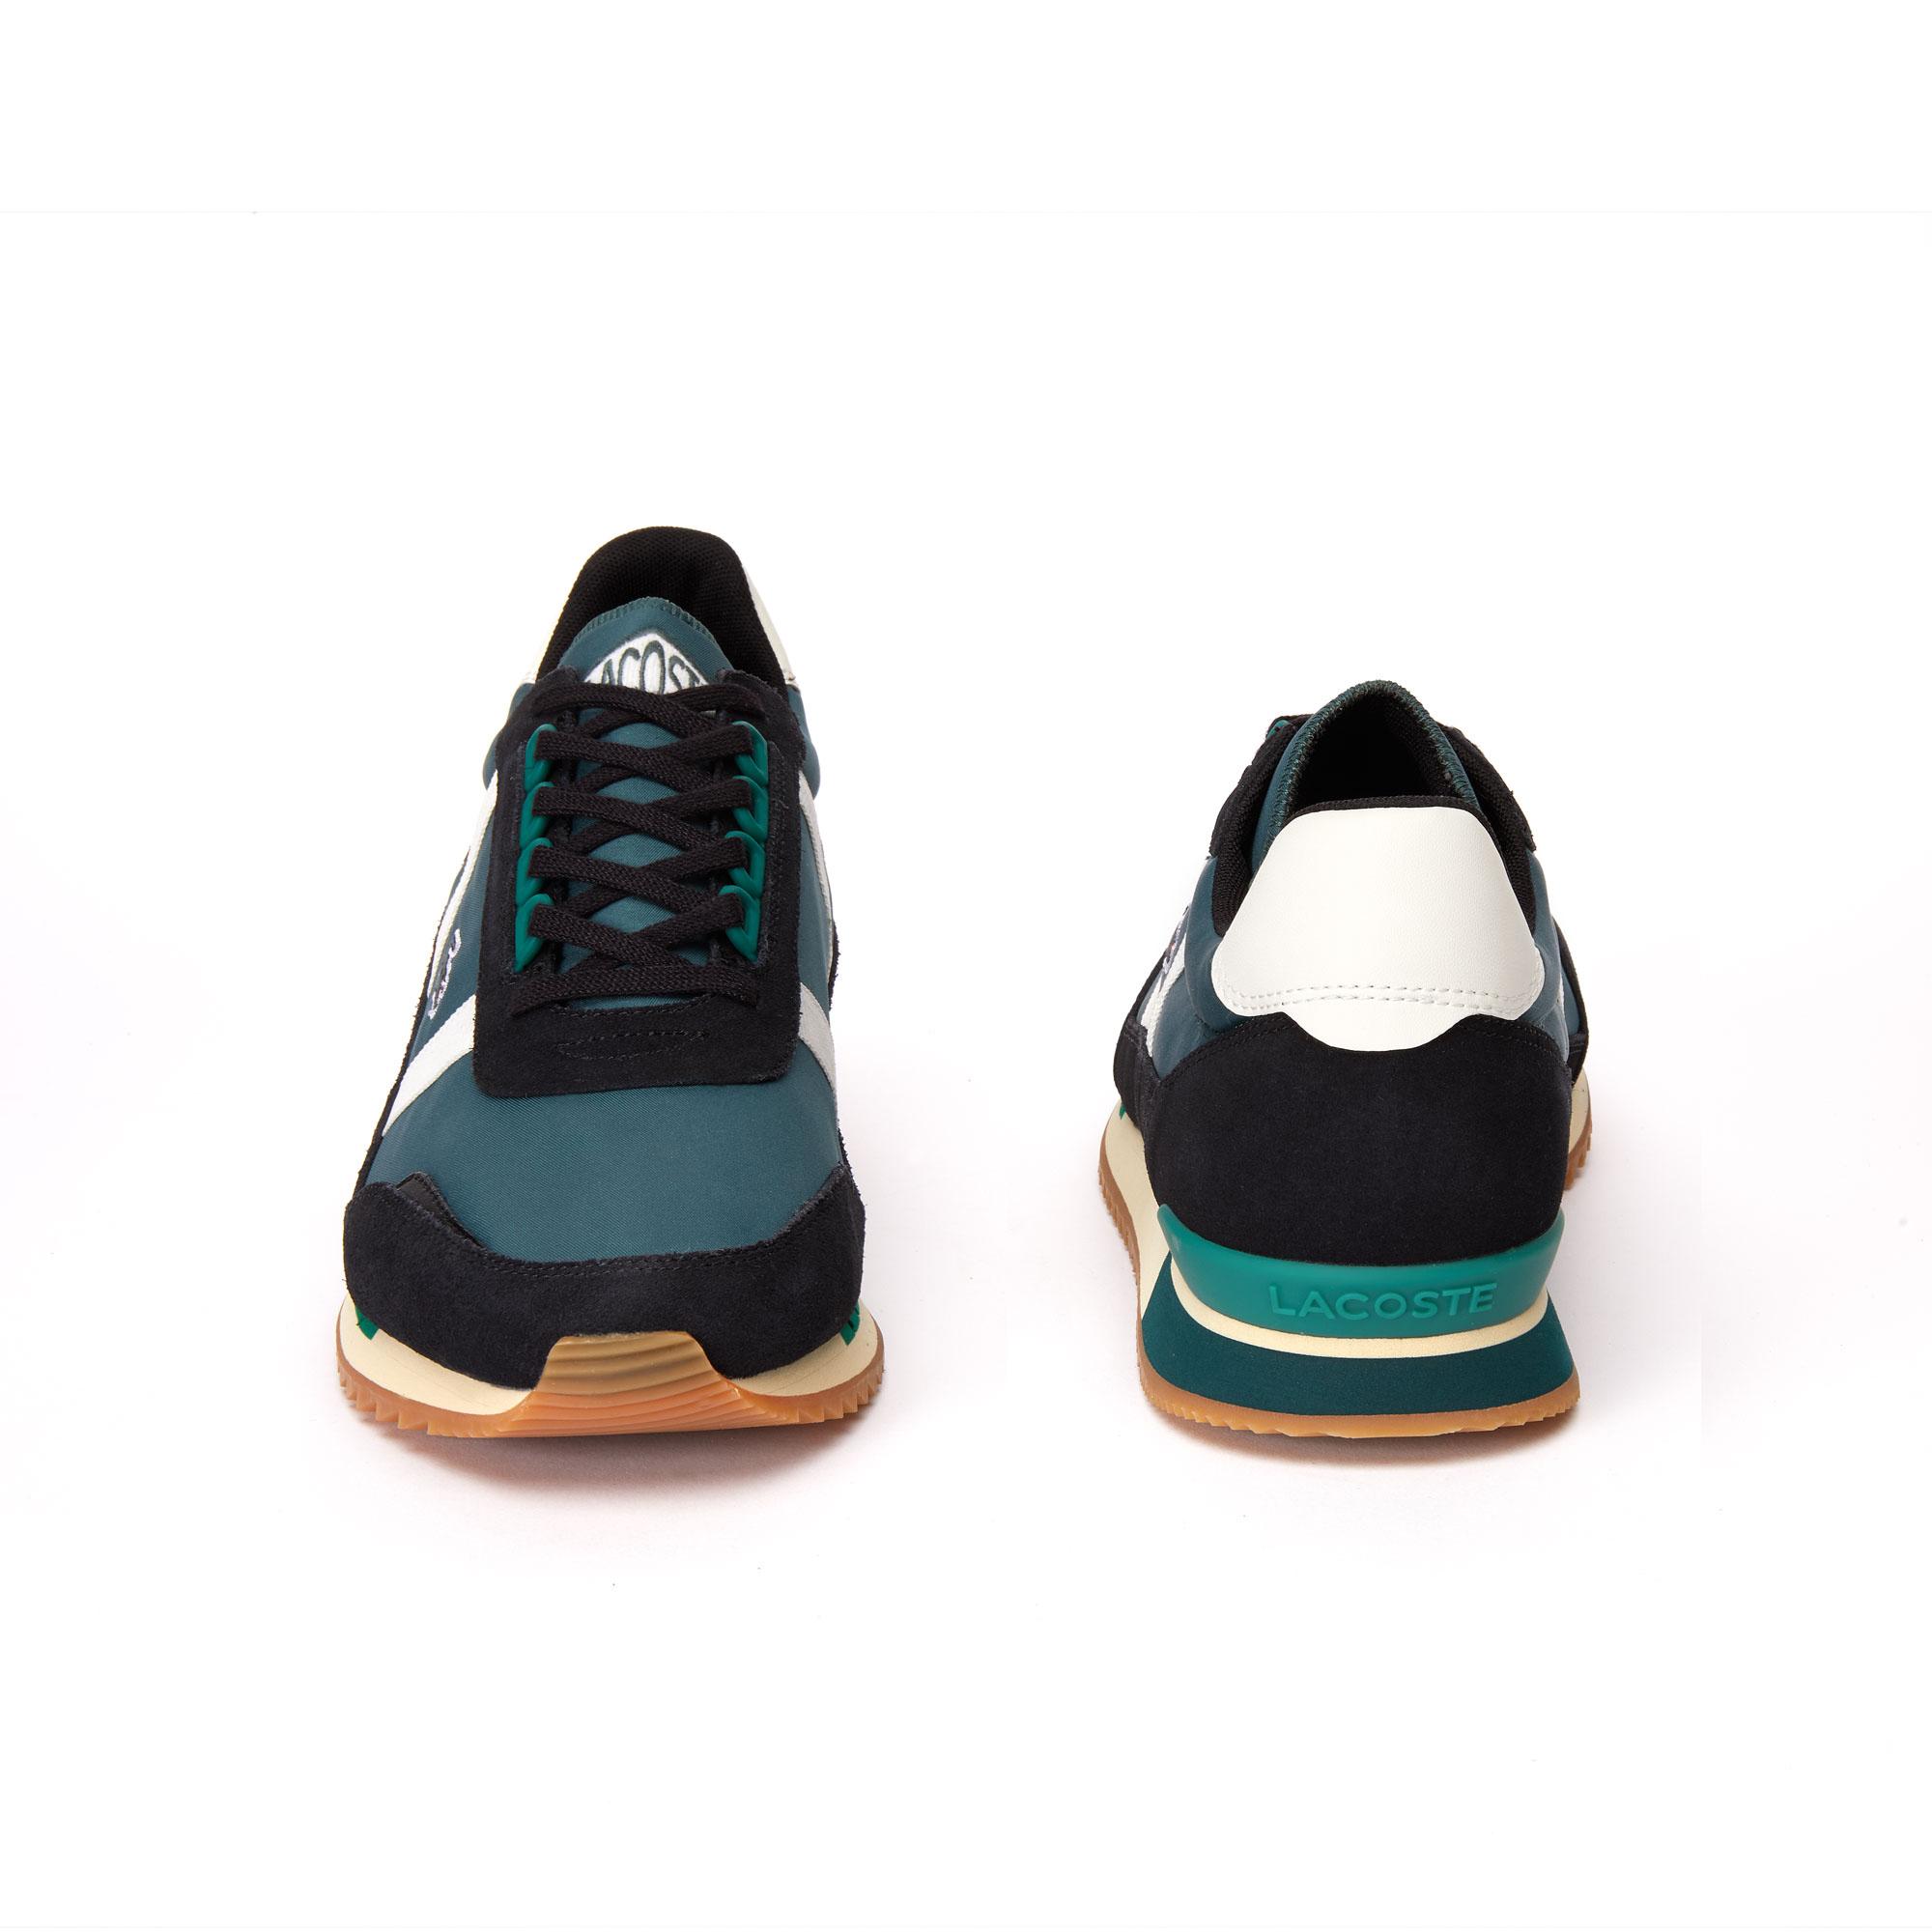 Lacoste кросівки чоловічі Partner Retro